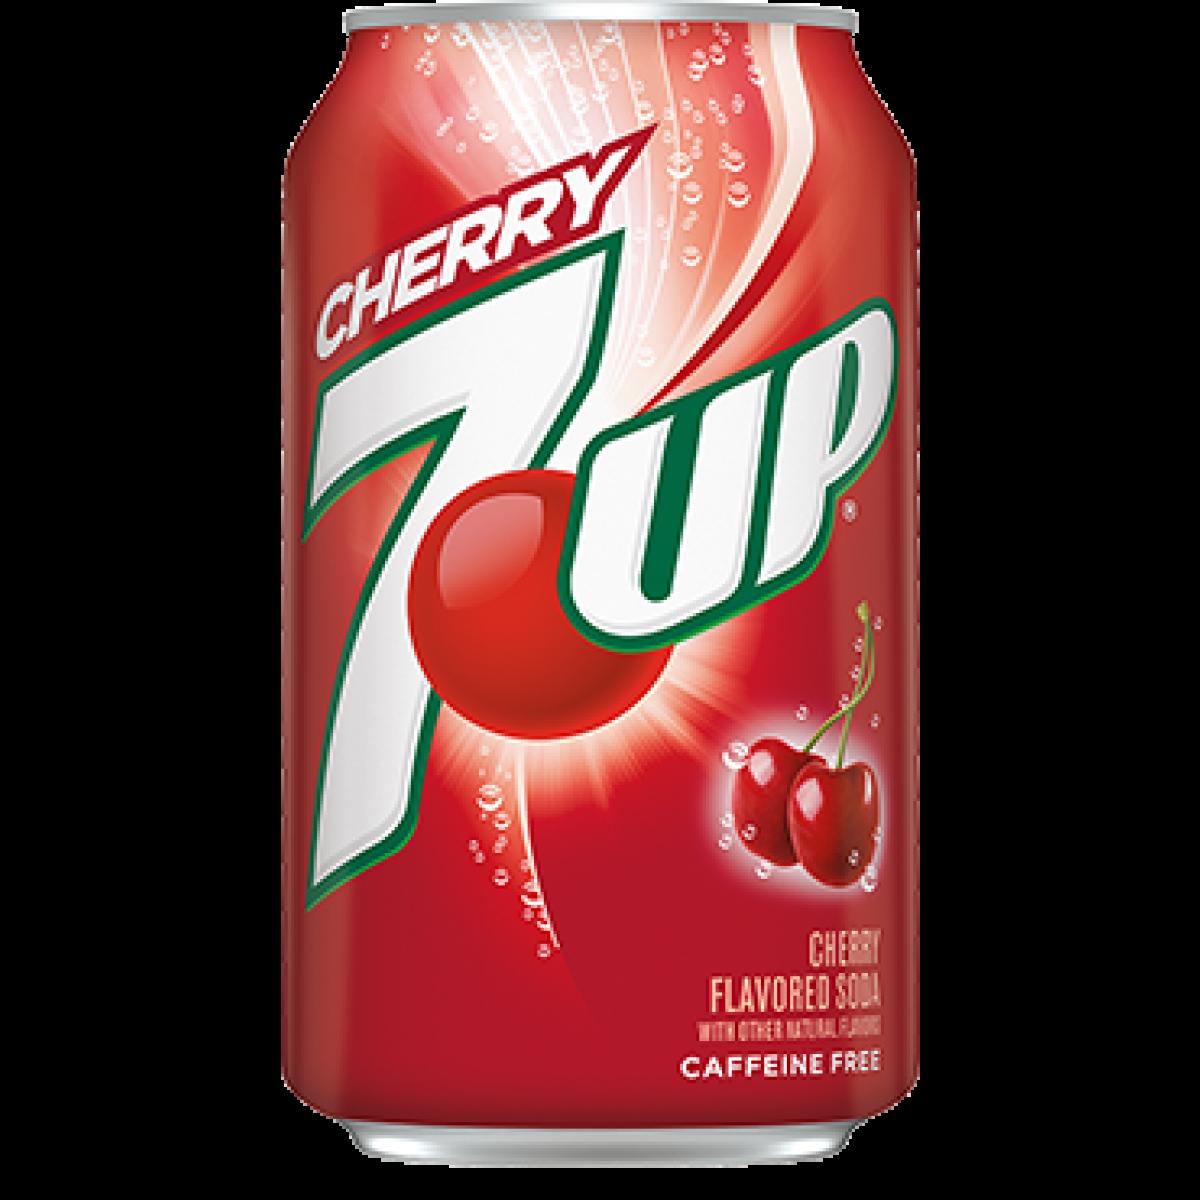 7Up Cherry 375ml